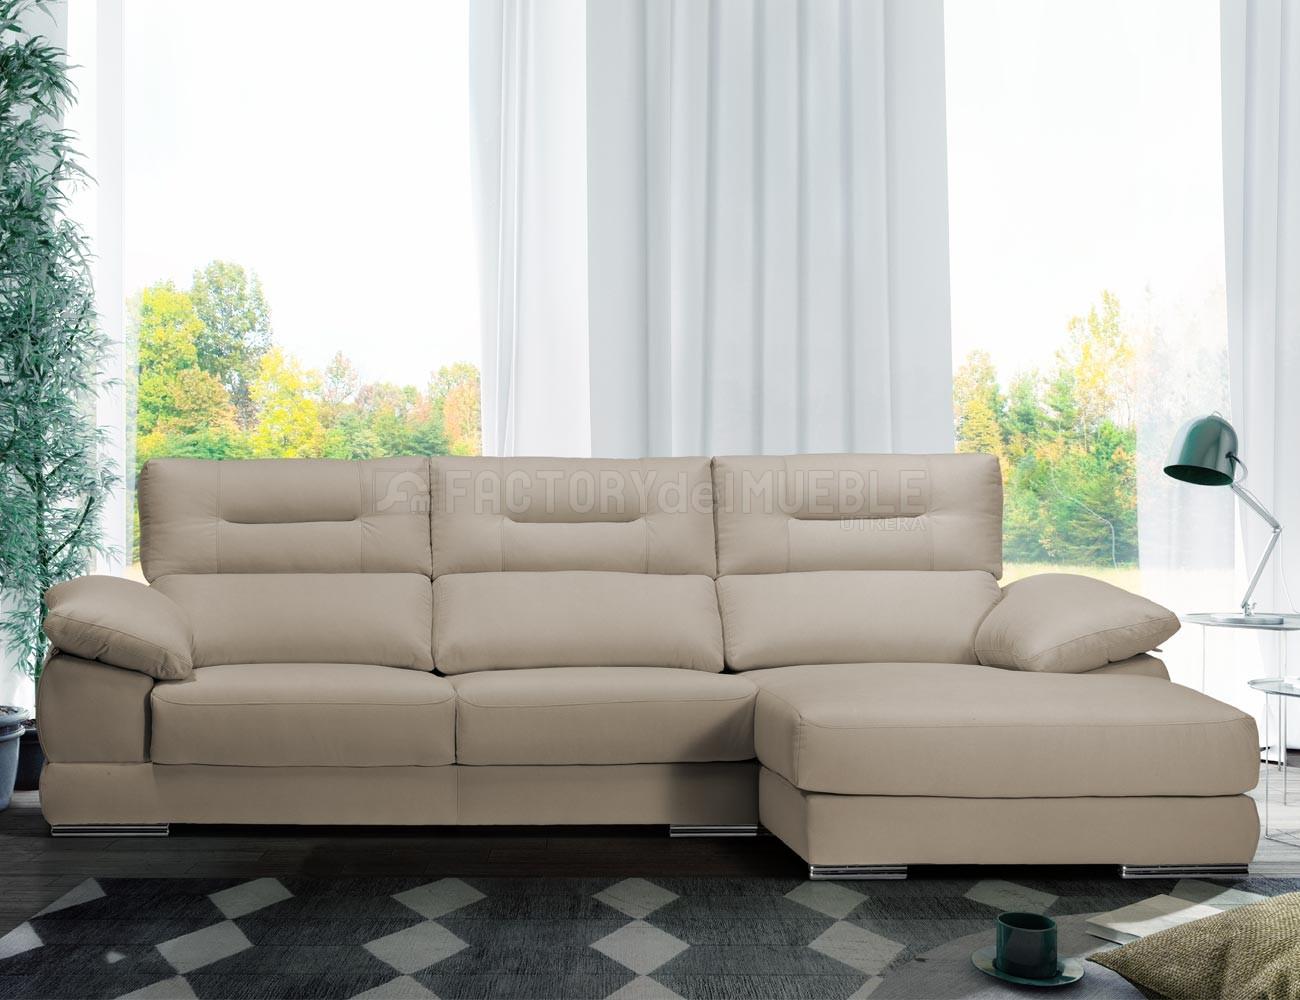 Sofa chaiselongue moscu